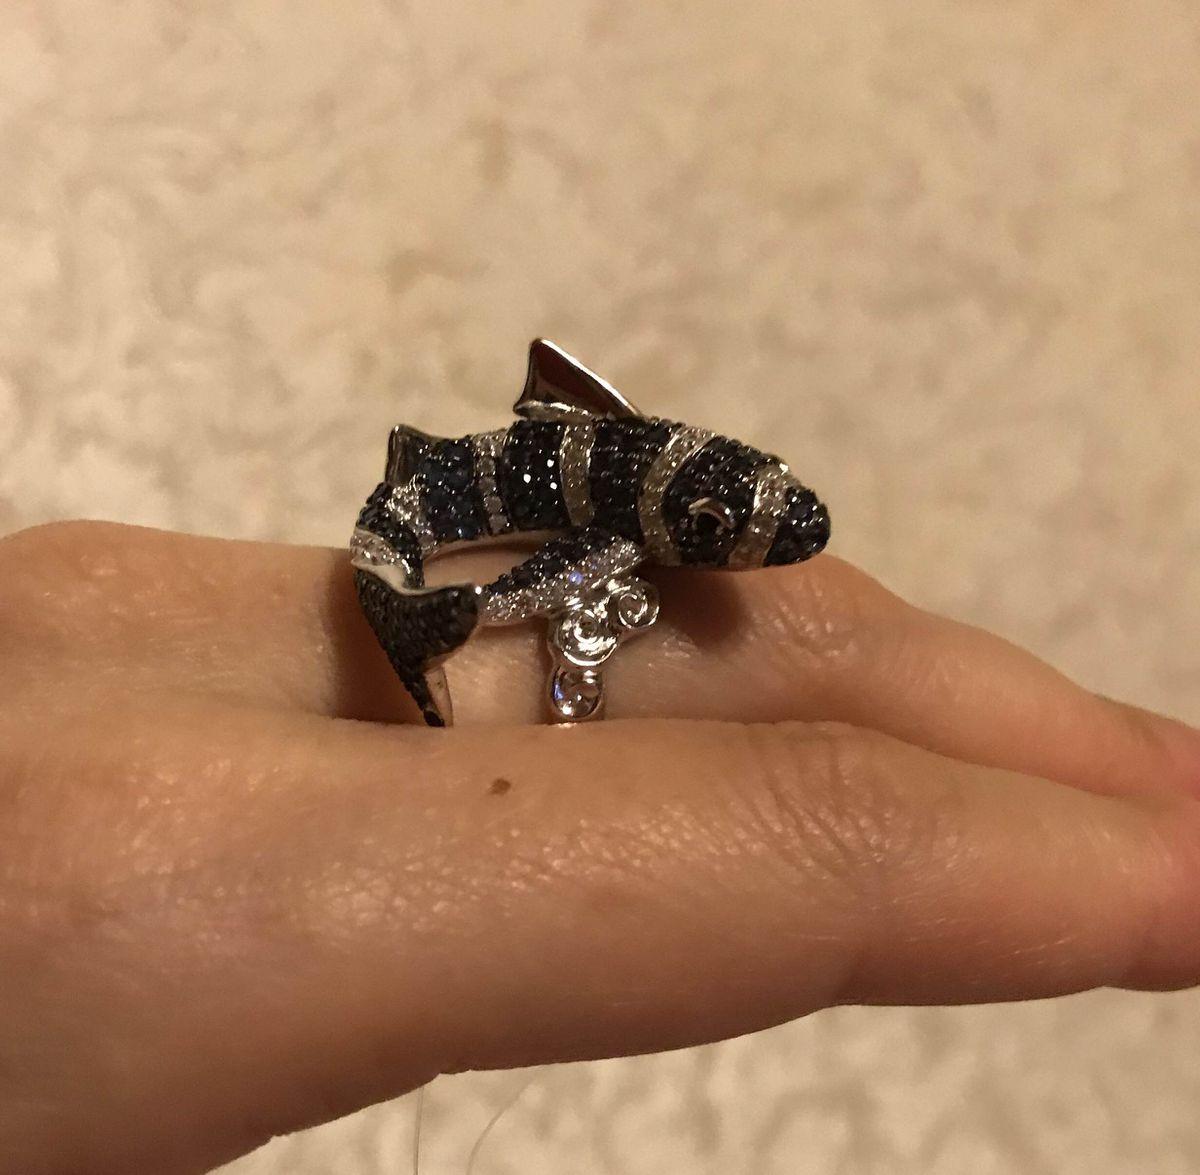 Акулка кольцо для поездок в отпуск на море